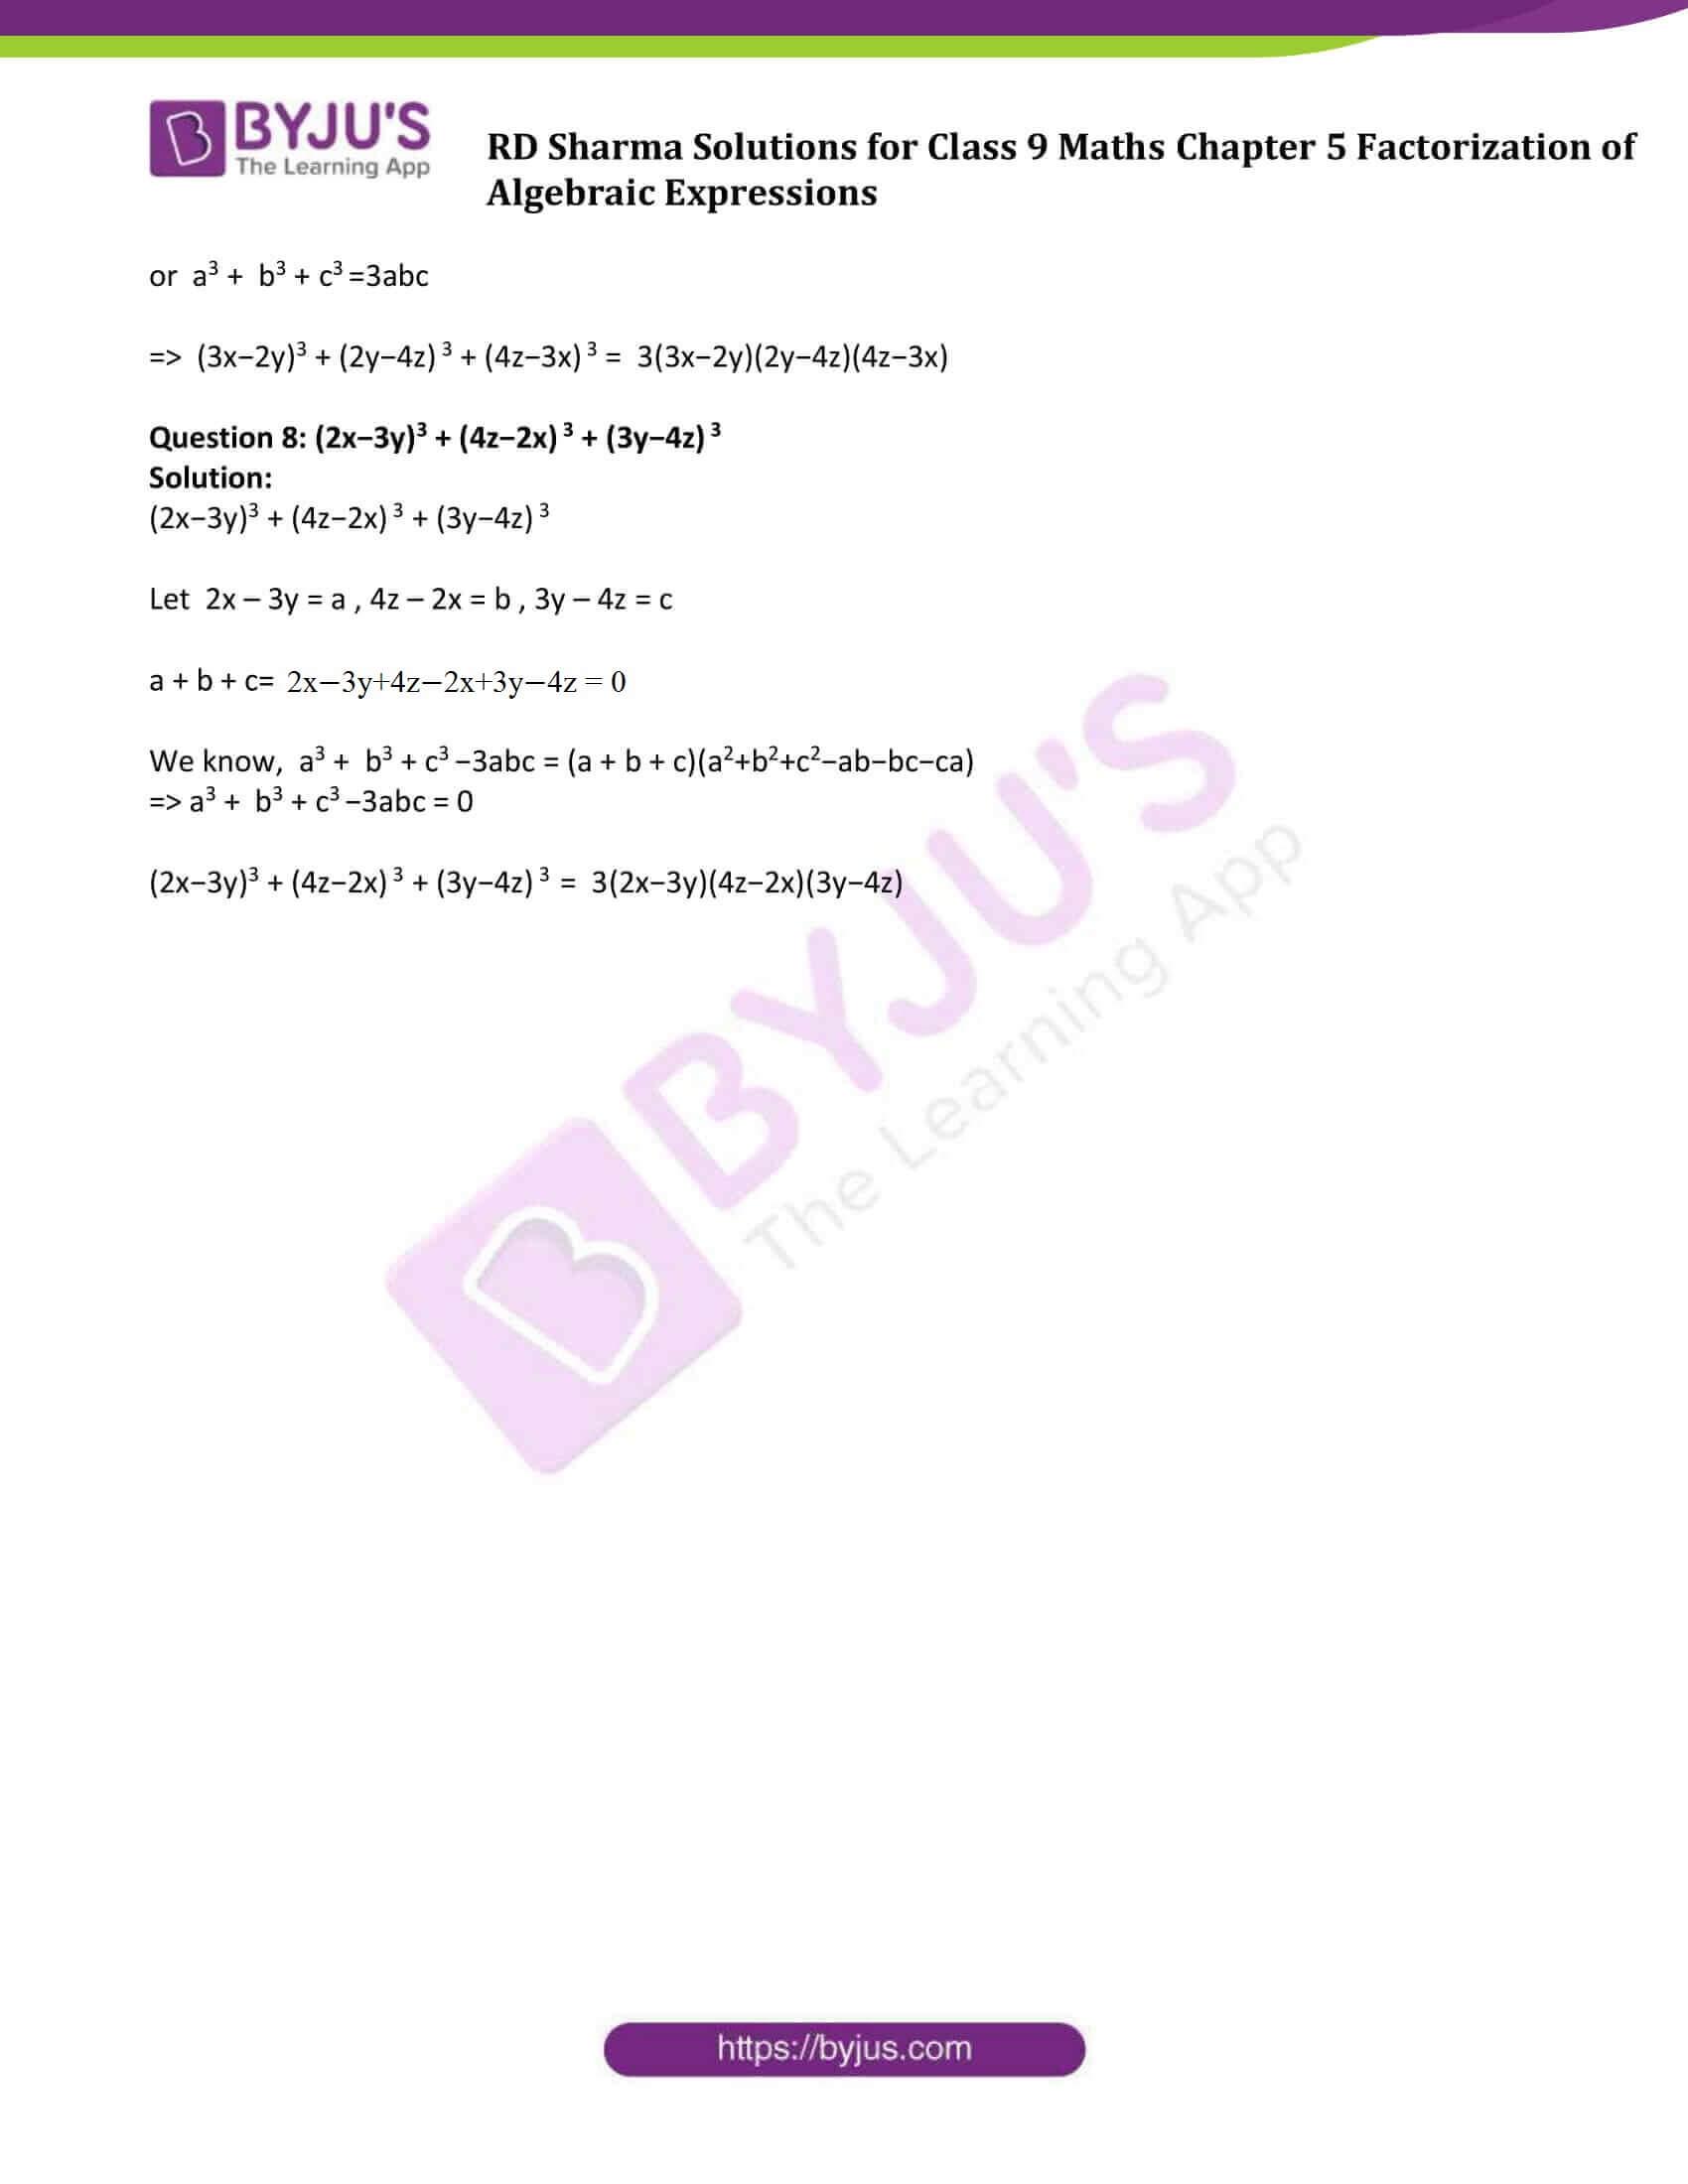 RD Sharma Solution class 9 Maths Chapter 5 16